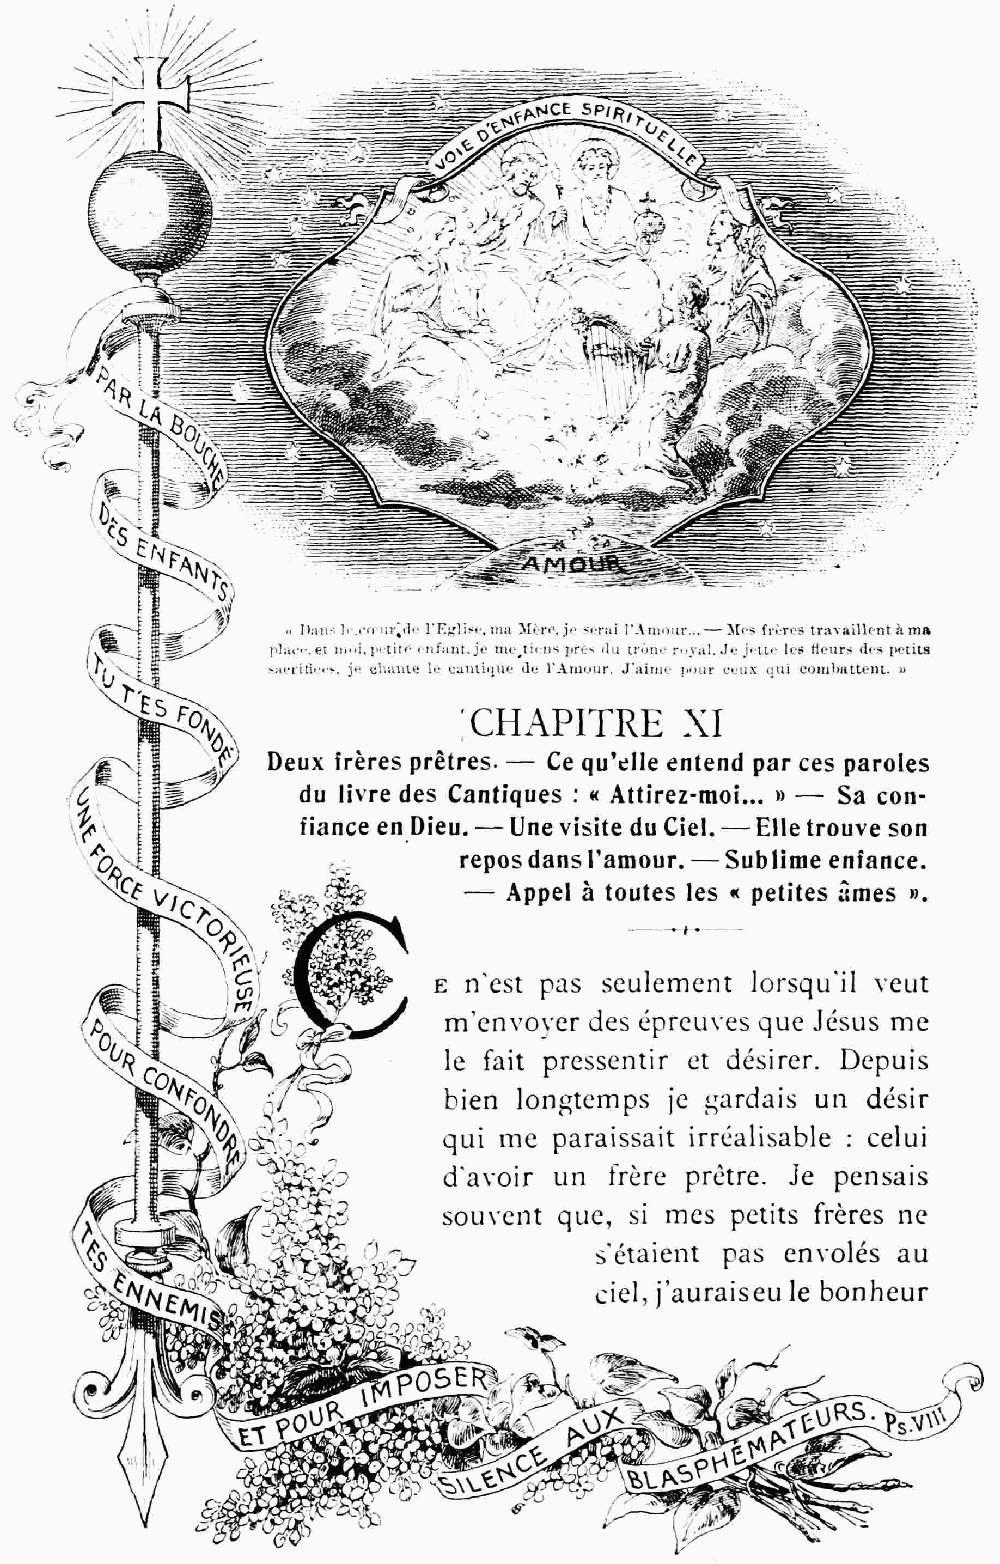 The Project Gutenberg eBook of Histoire d'une ame, écrite